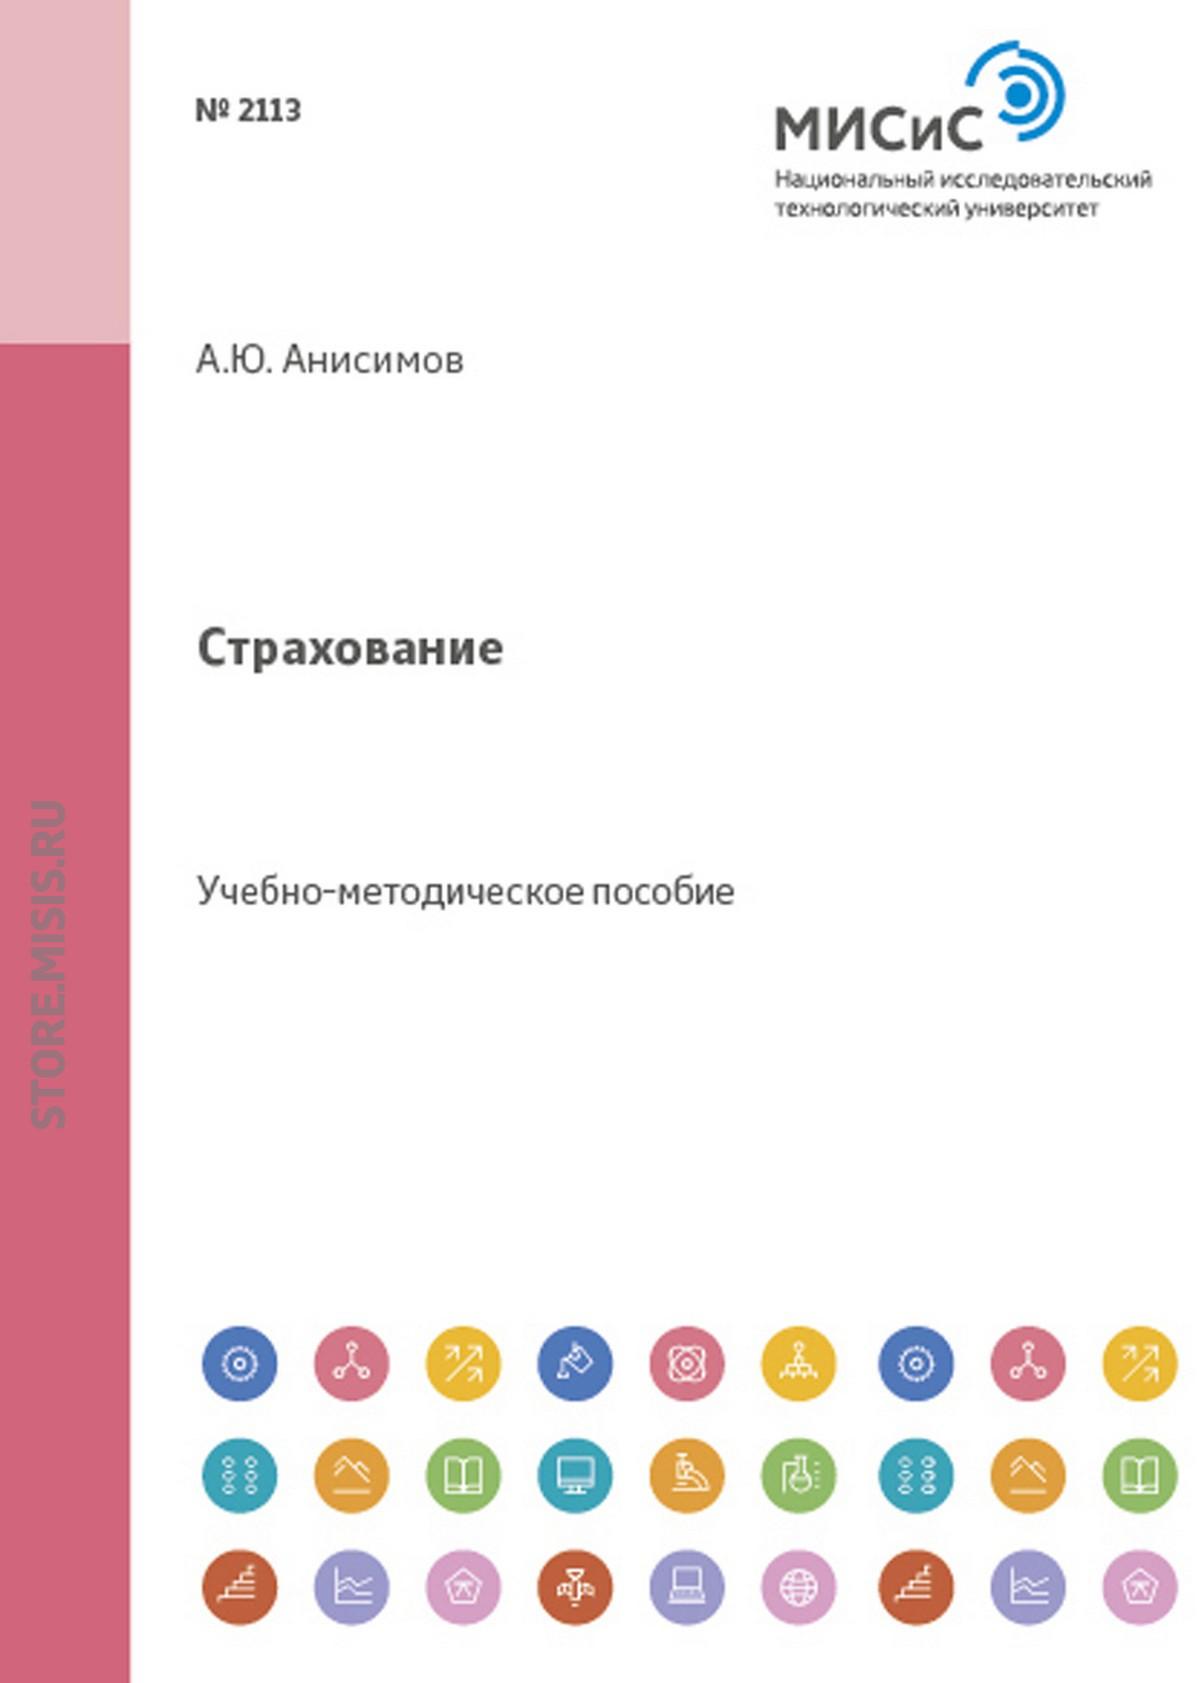 Олег Олегович Скрябин Страхование князев алексей страхование личности и имущества